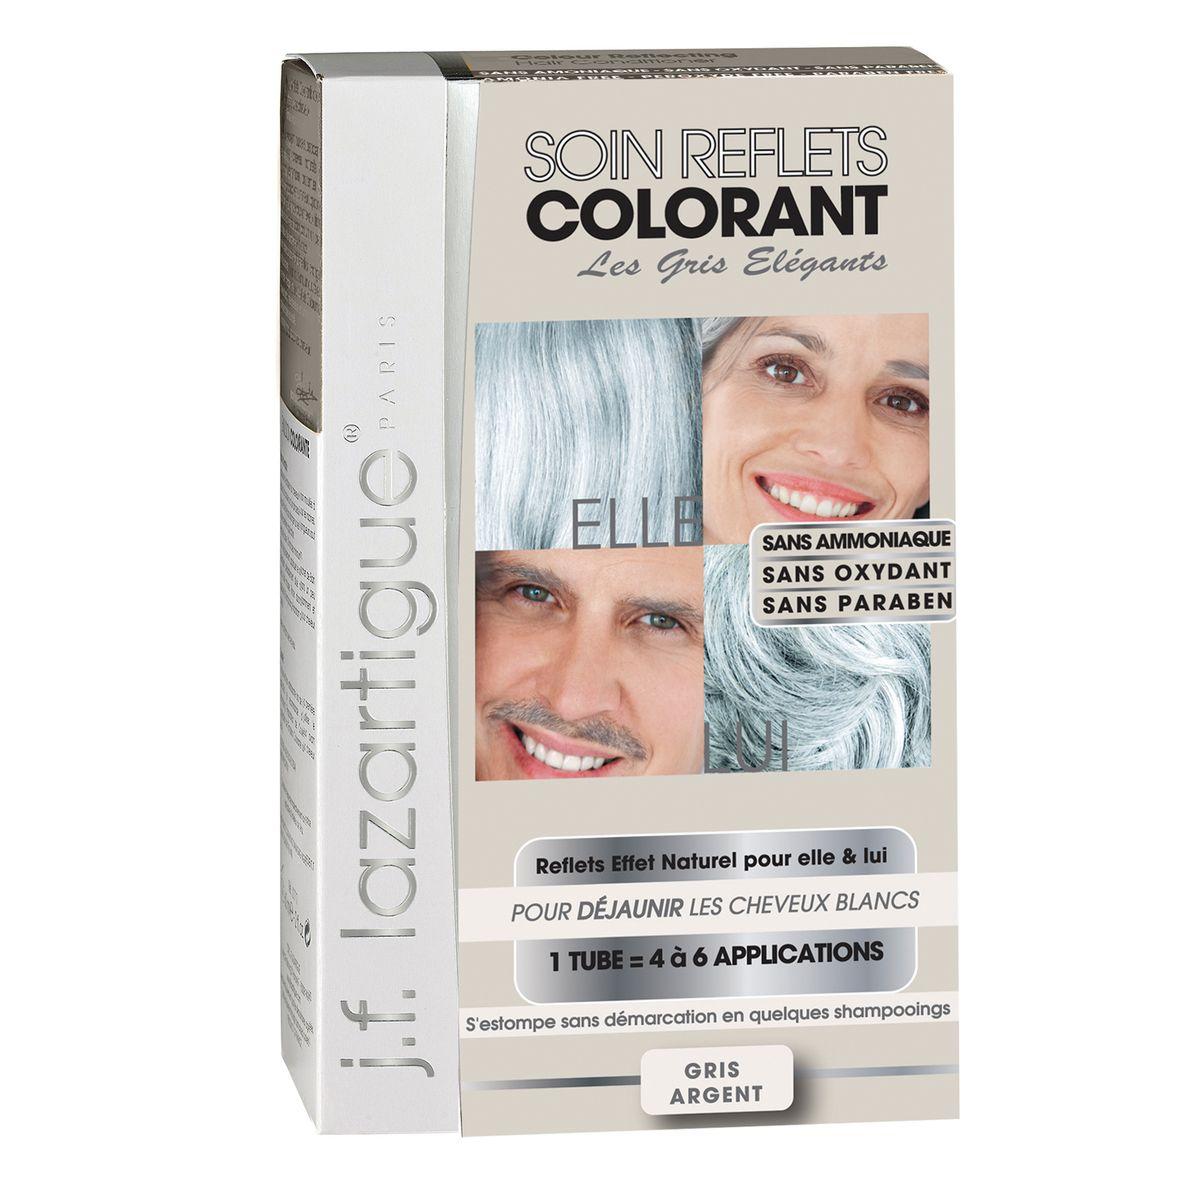 J.F.Lazartigue Оттеночный кондиционер для волос Седой 100 мл61636Оттеночный кондиционер J.F.LAZARTIGUE – это лечебный макияж для Ваших волос. Два эффекта: кондиционирование волос и легкий оттенок.